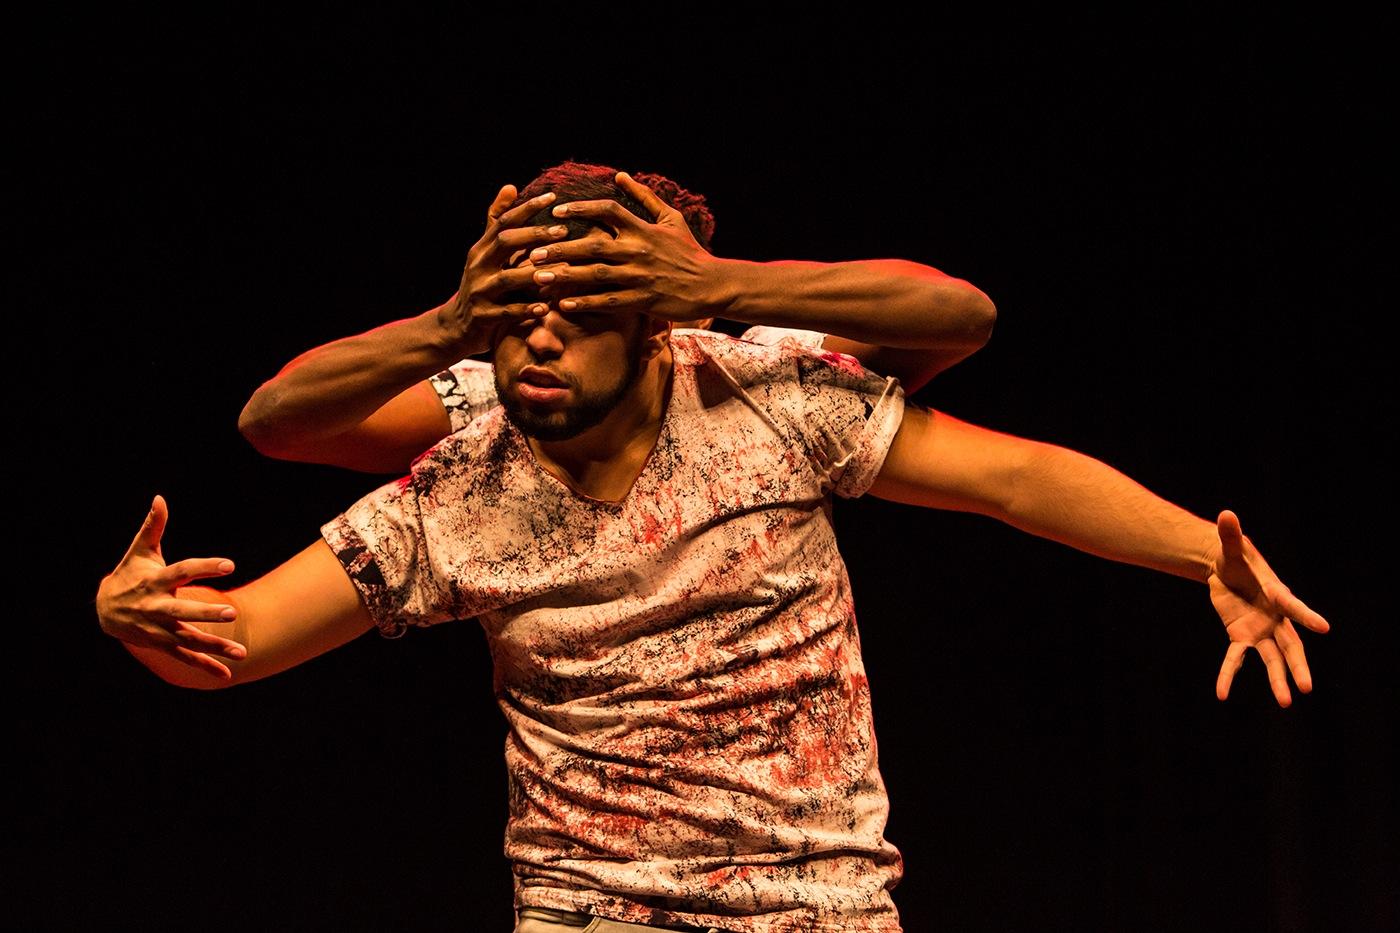 Danseurs visage caché DATC